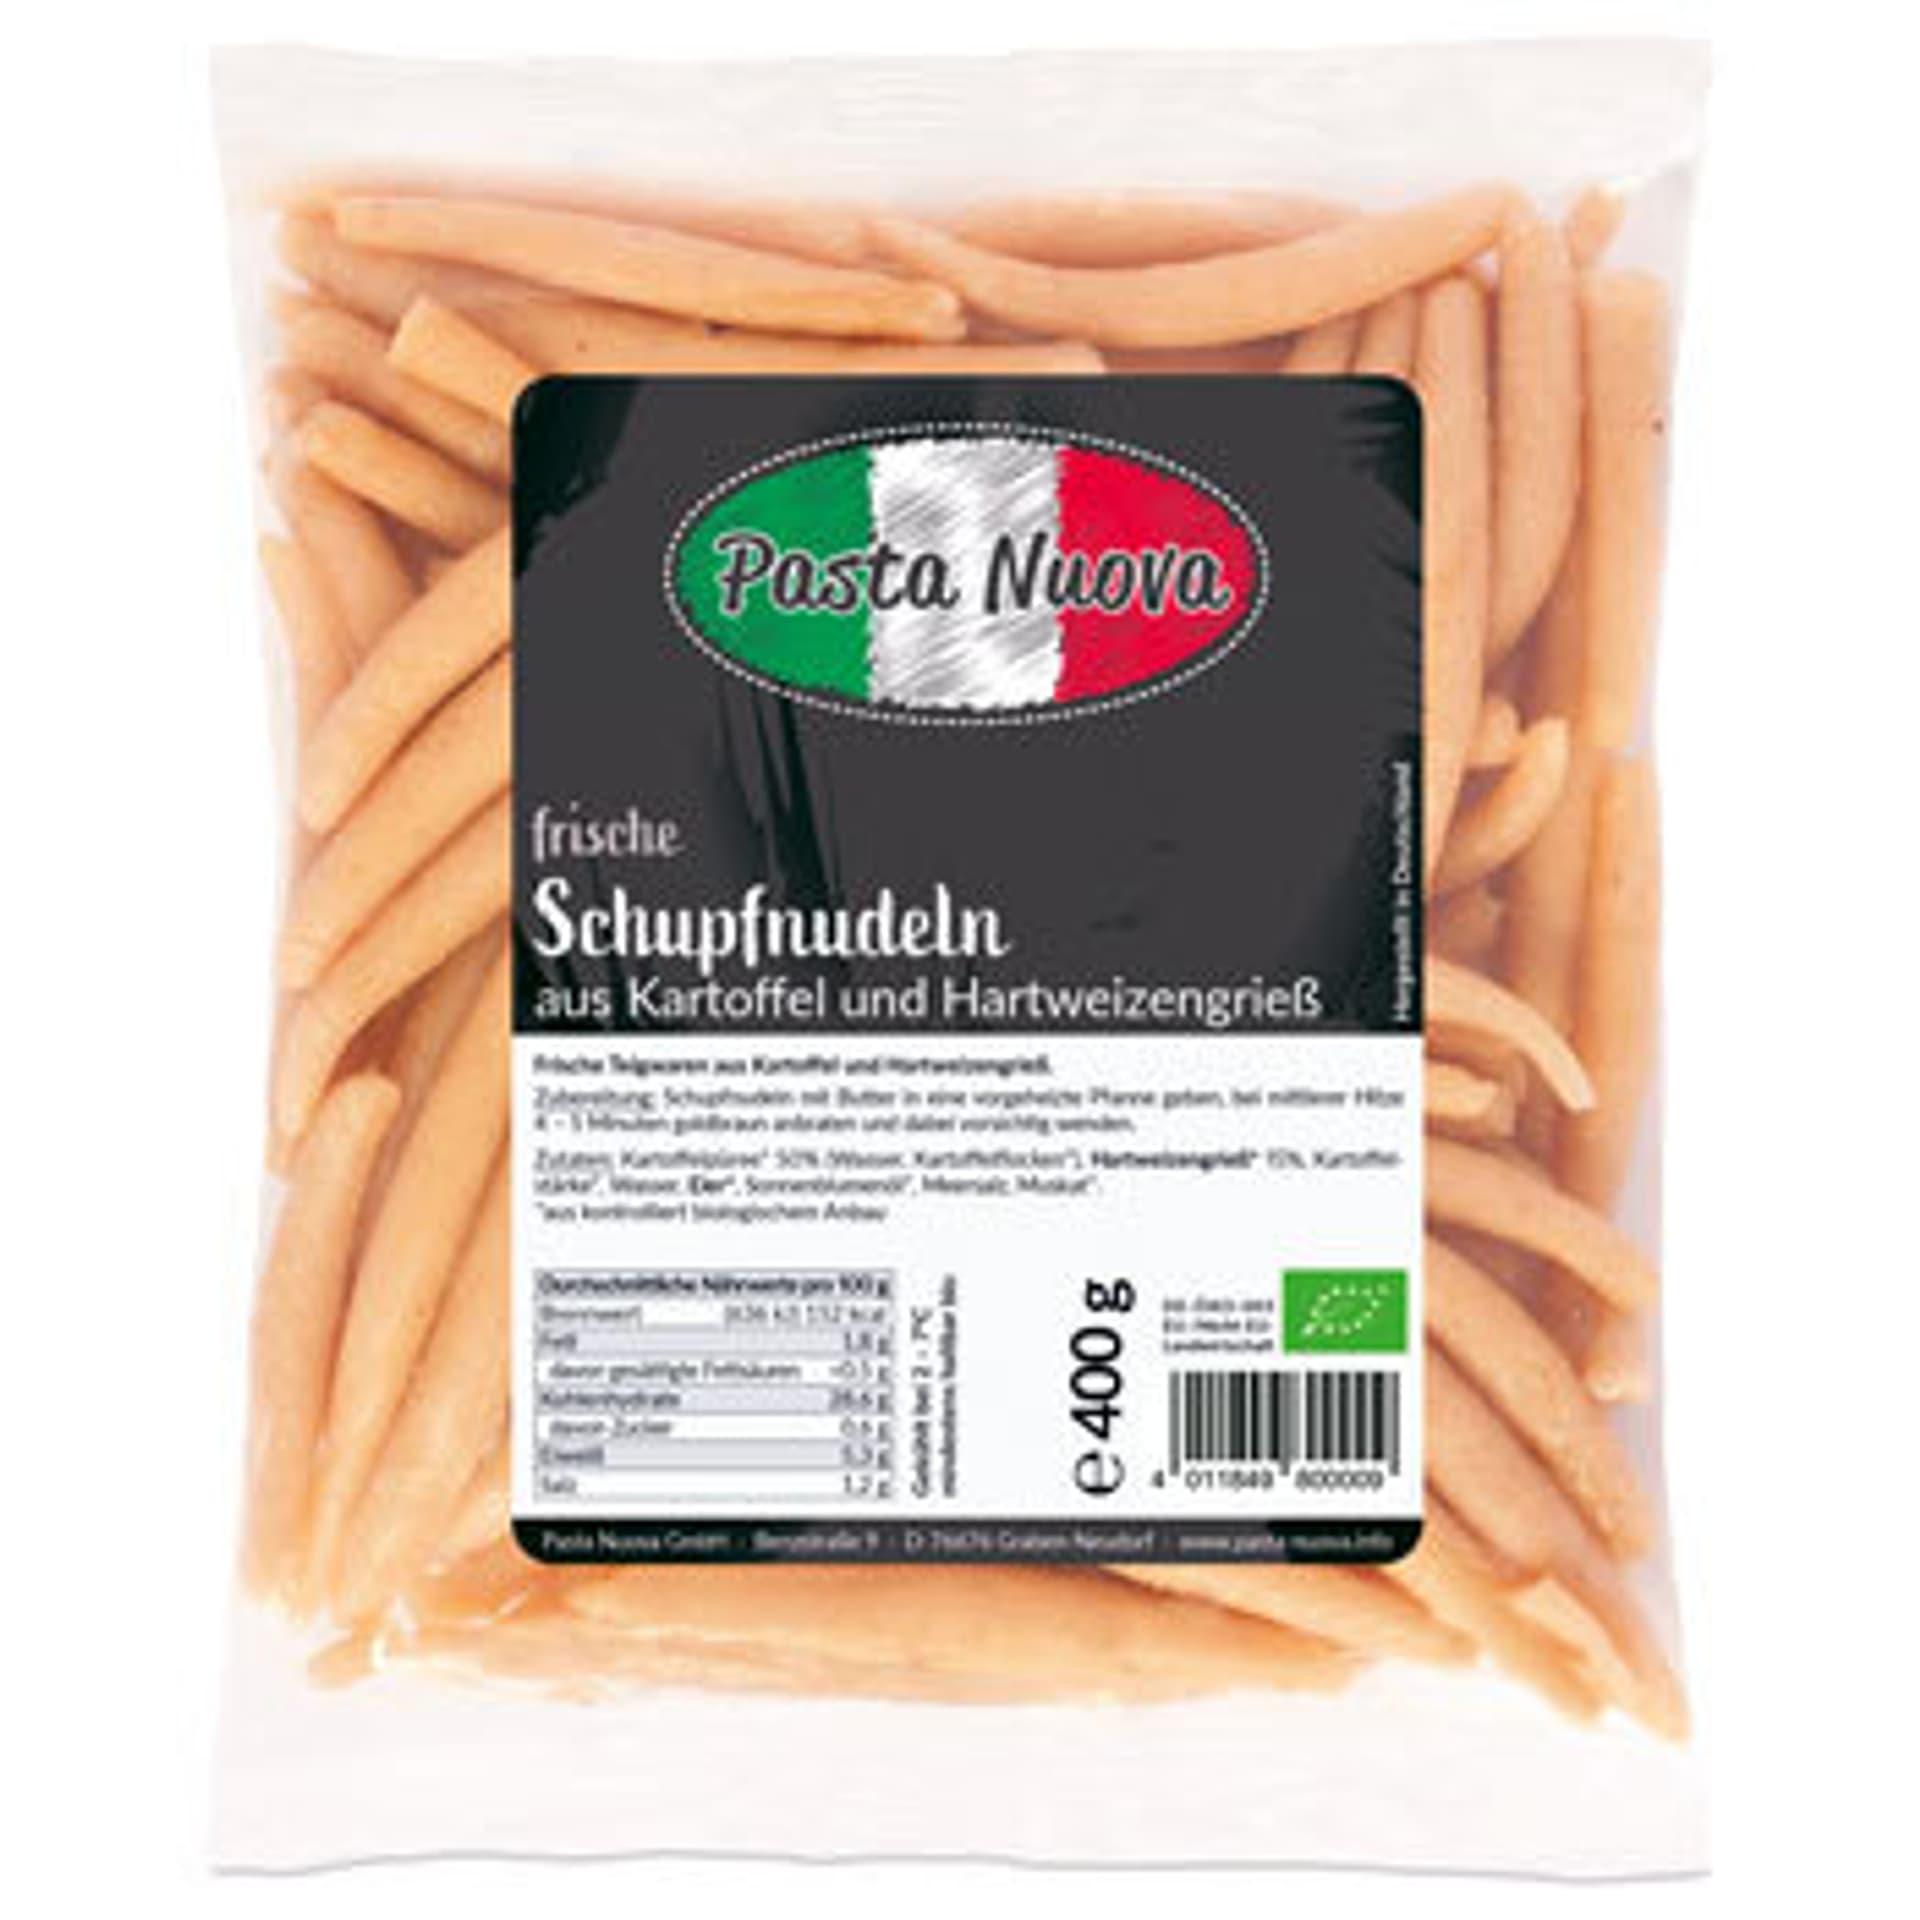 Pasta Nuova Schupfnudeln